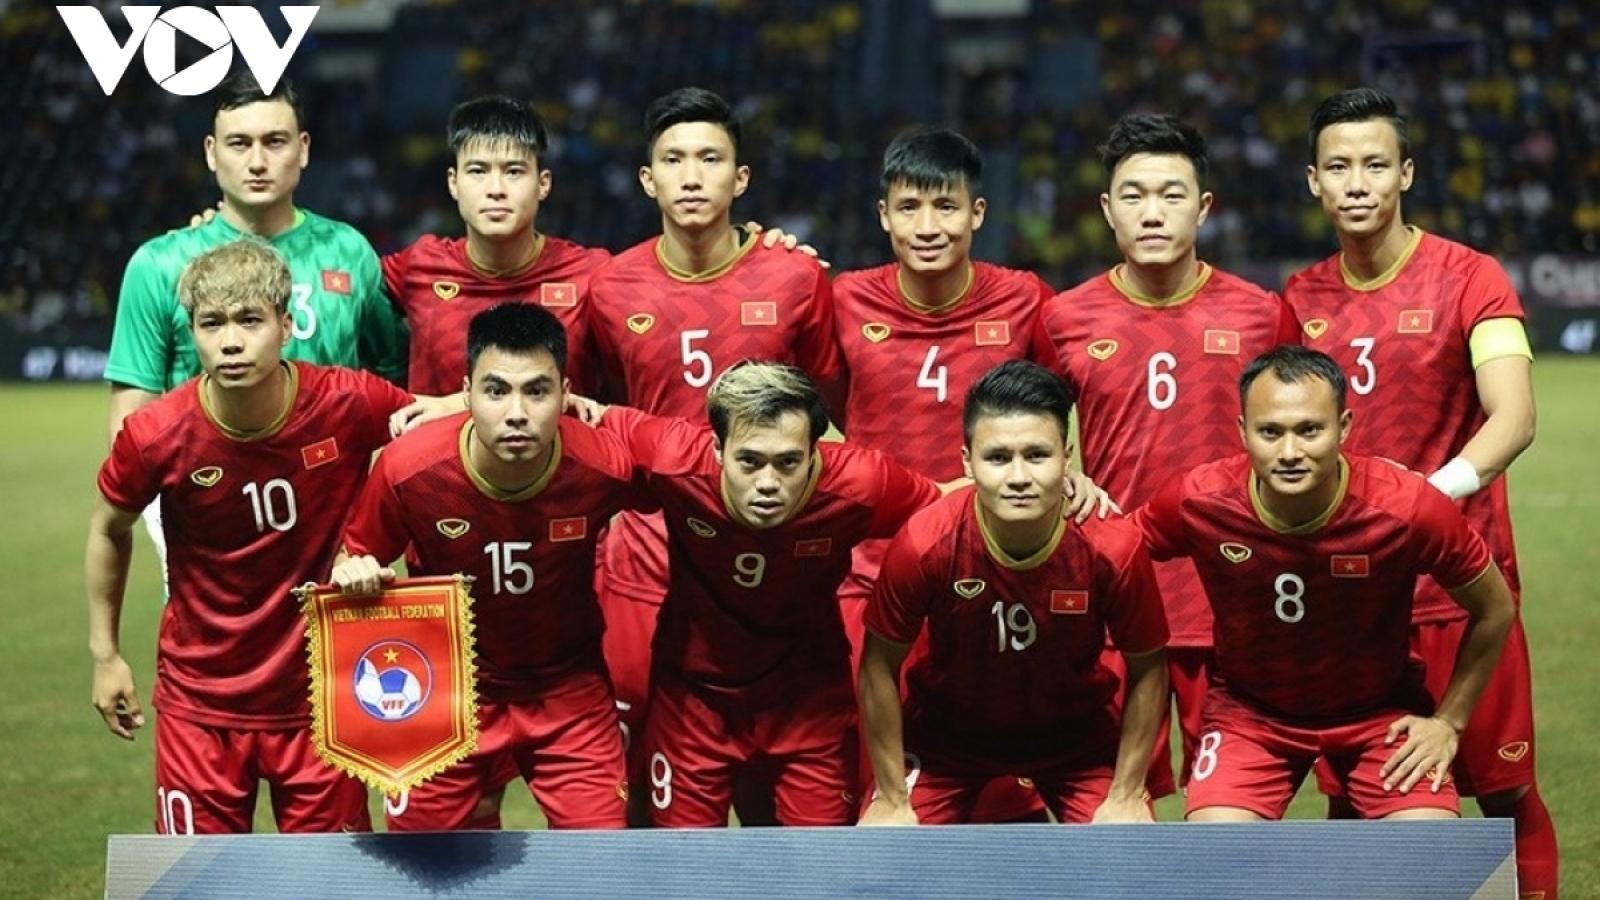 Danh sách chính thức ĐT Việt Nam: Có Văn Hậu, không Văn Lâm, Hữu Tuấn